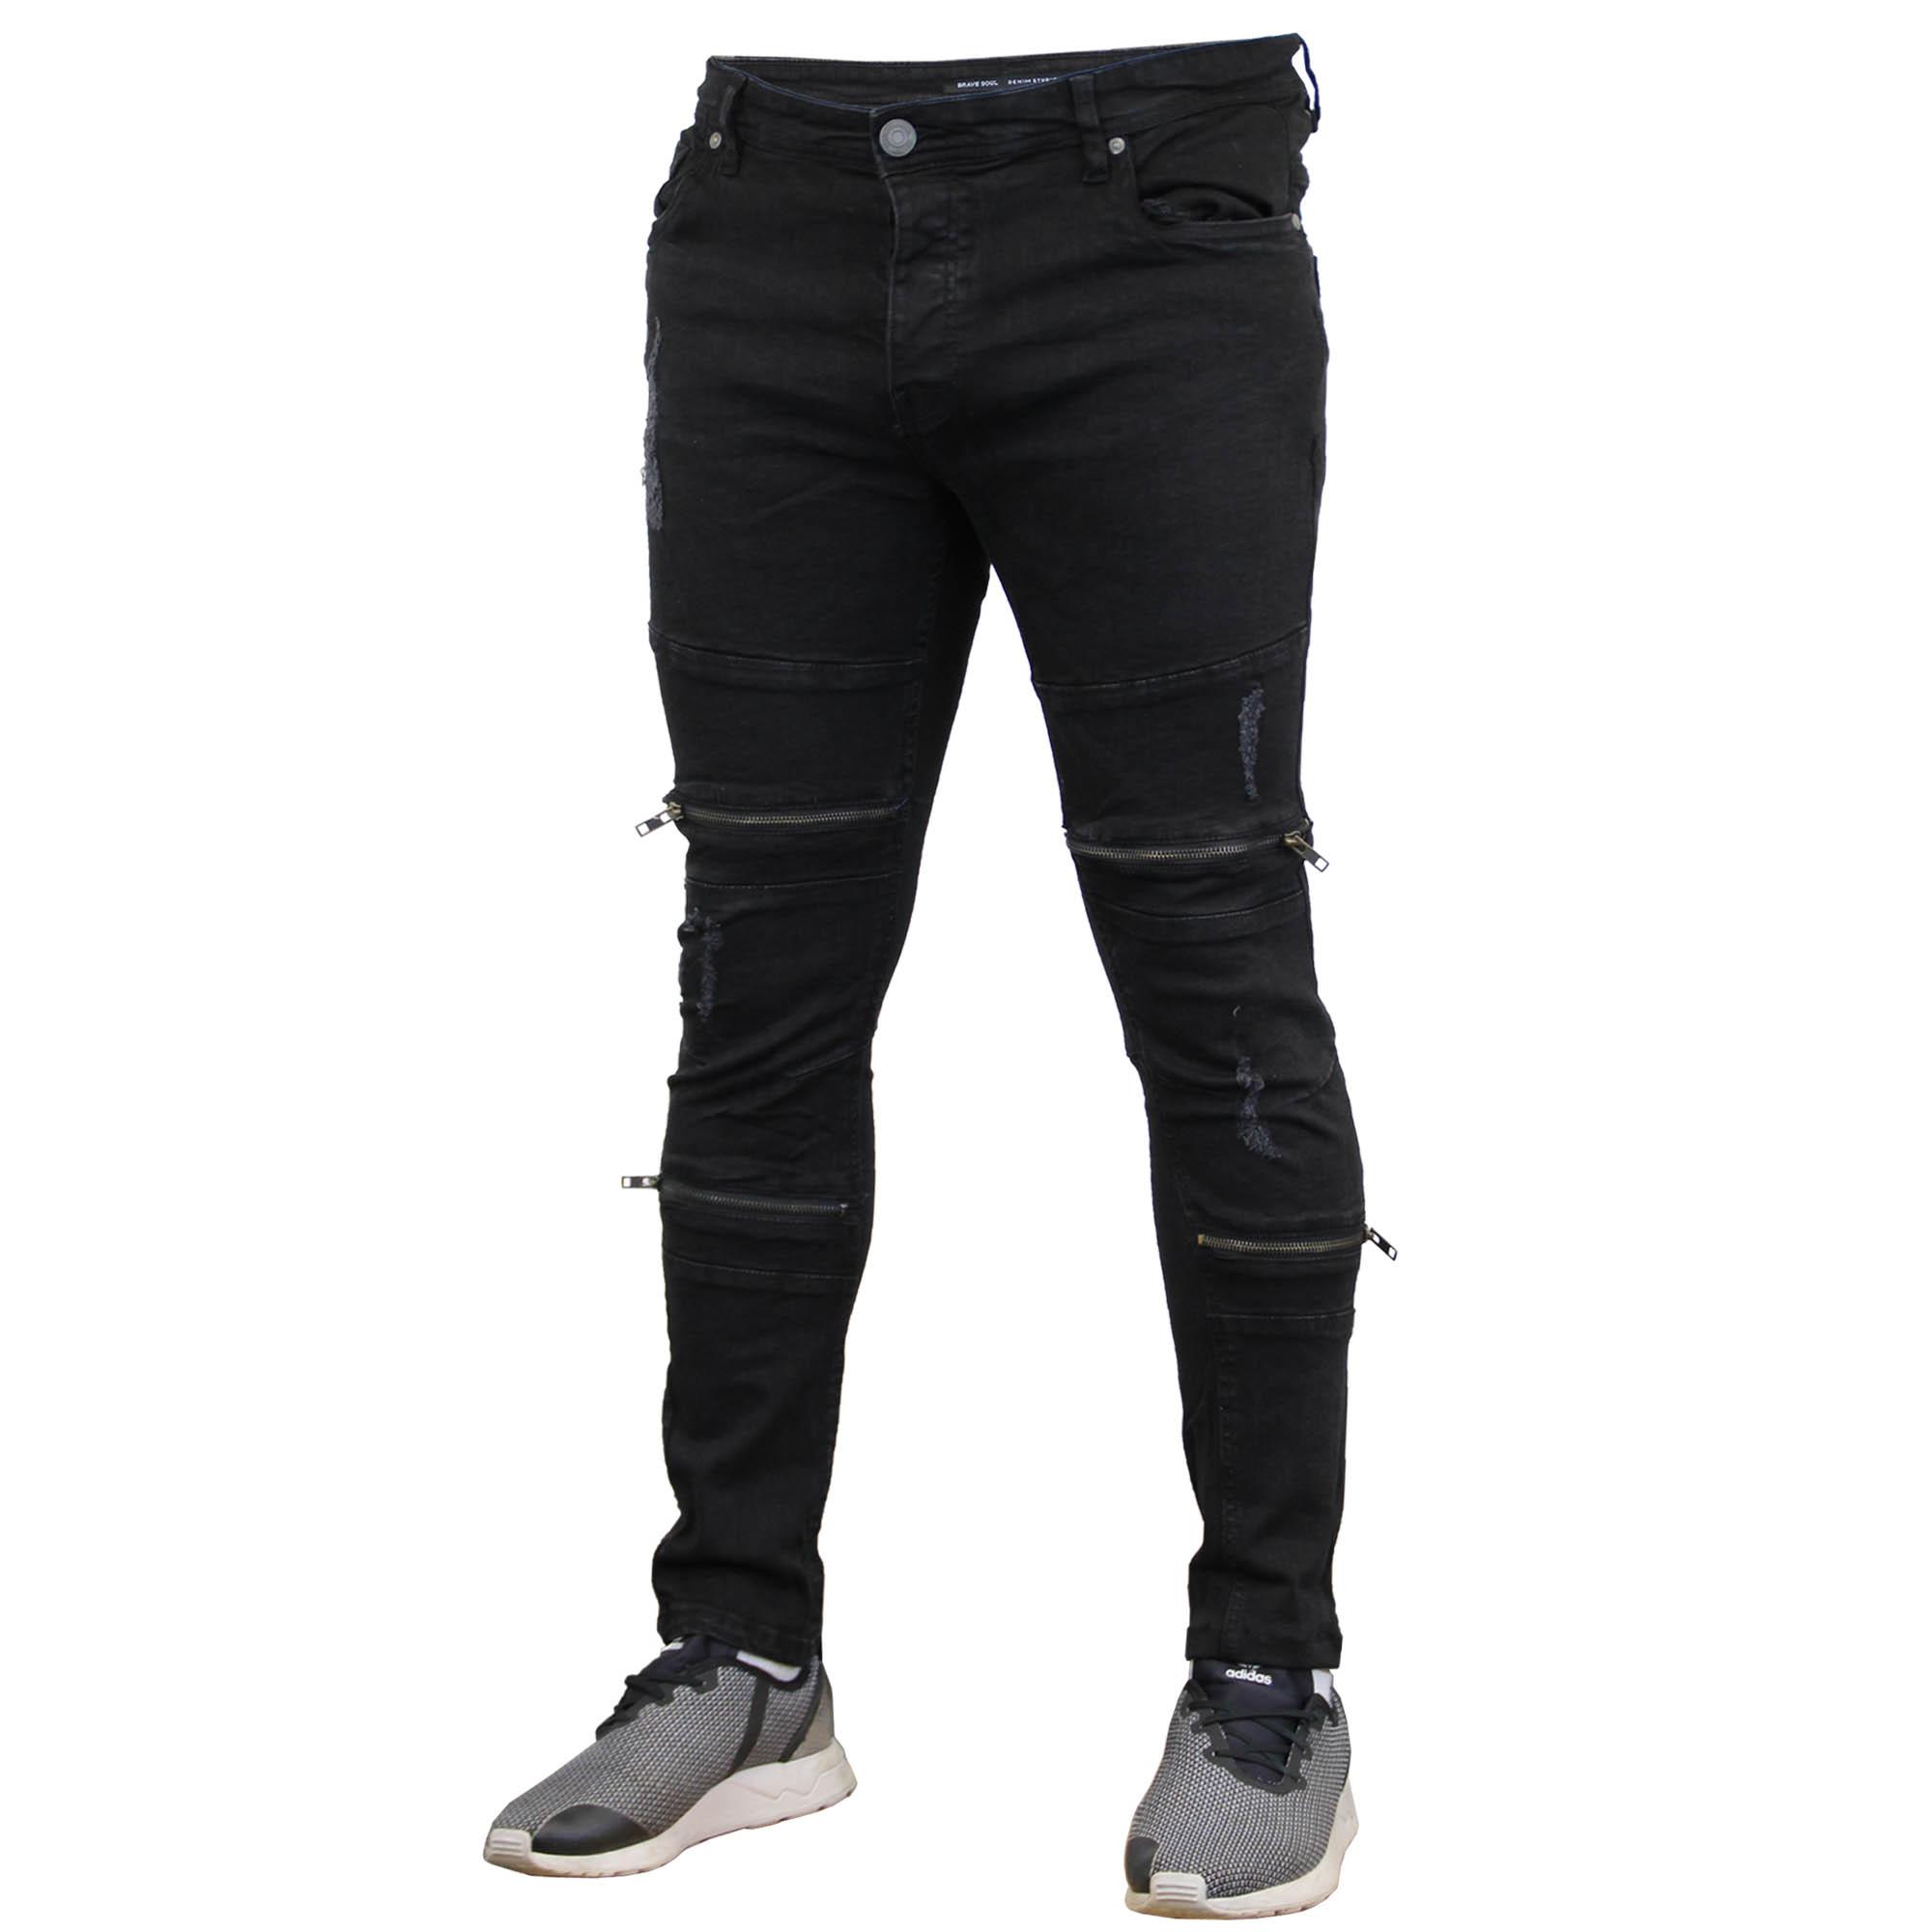 e2ca0e4be02d Mens Denim Biker Jeans Brave Soul Skinny Slim Fit Ripped Stretch ...